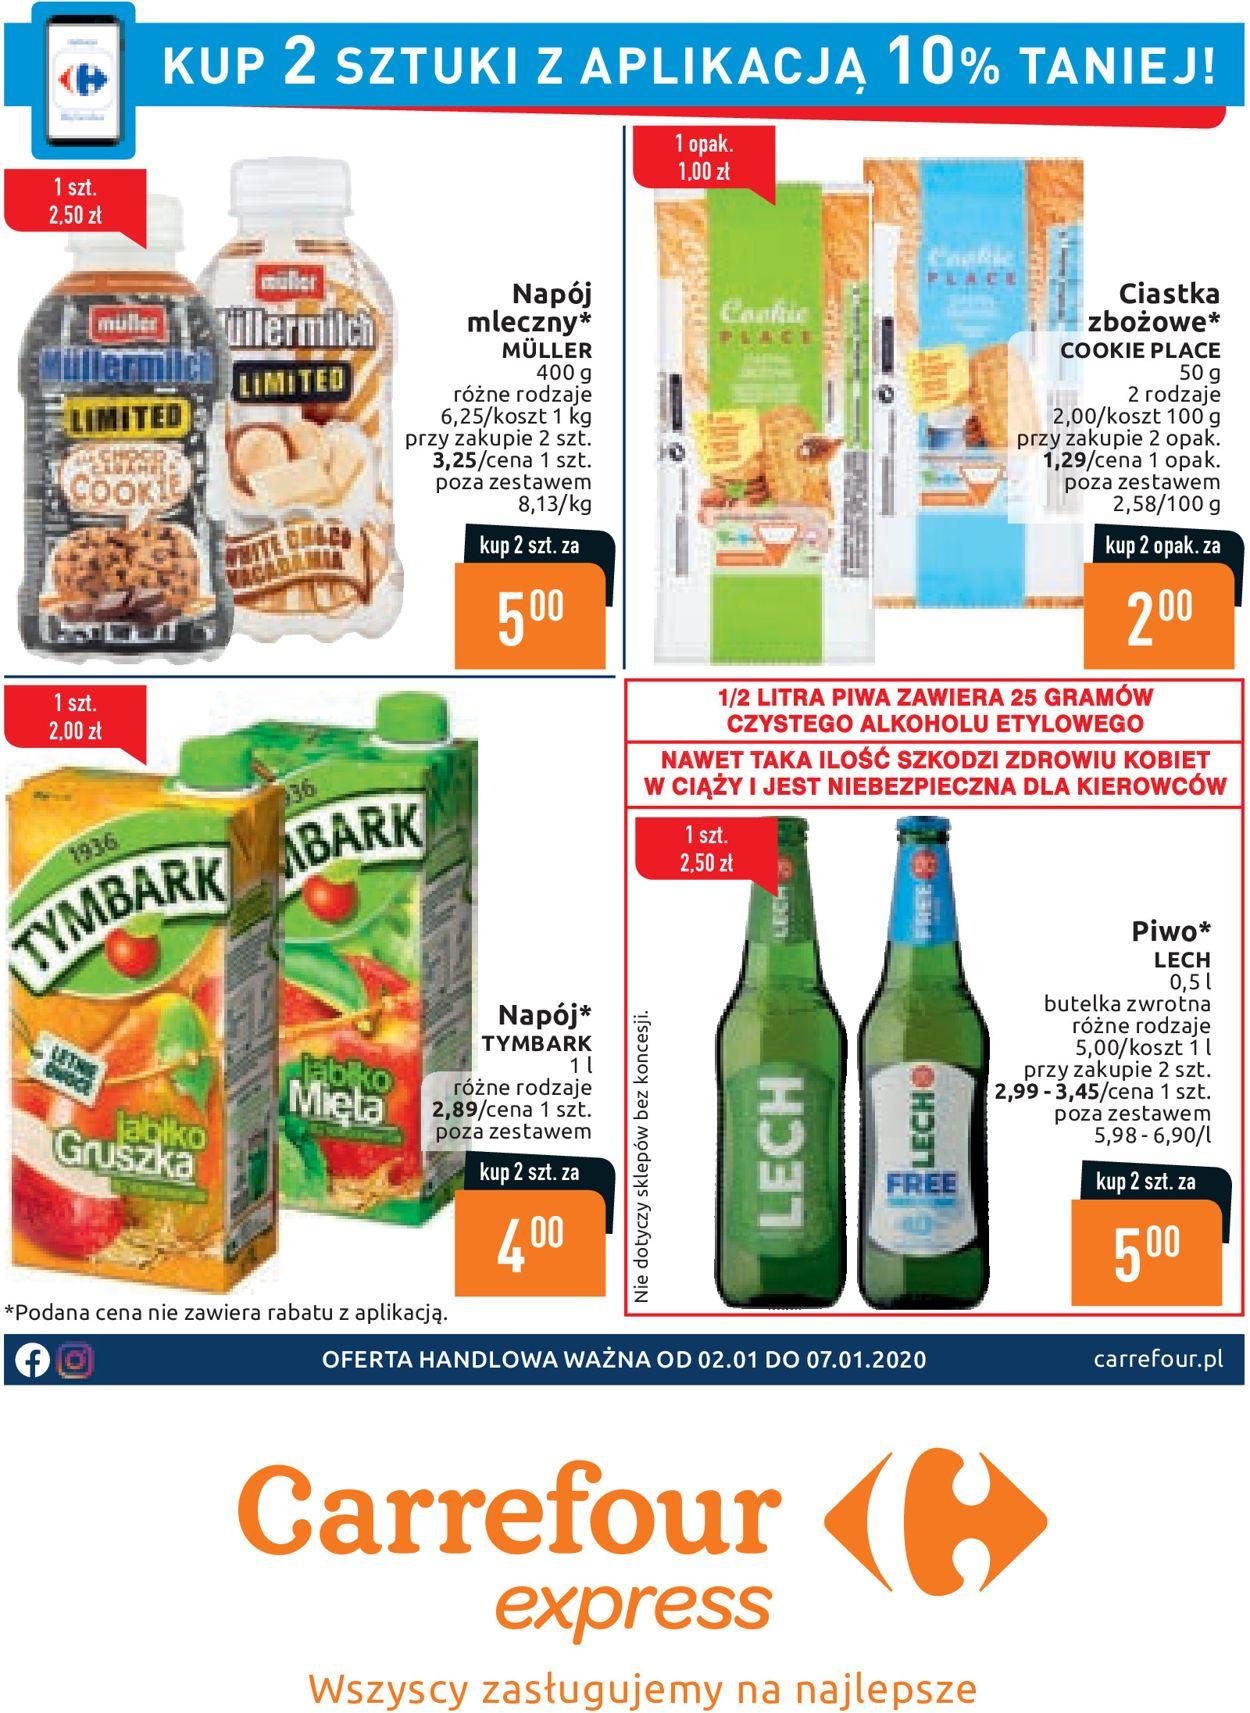 Gazetka promocyjna Carrefour - 02.01-07.01.2020